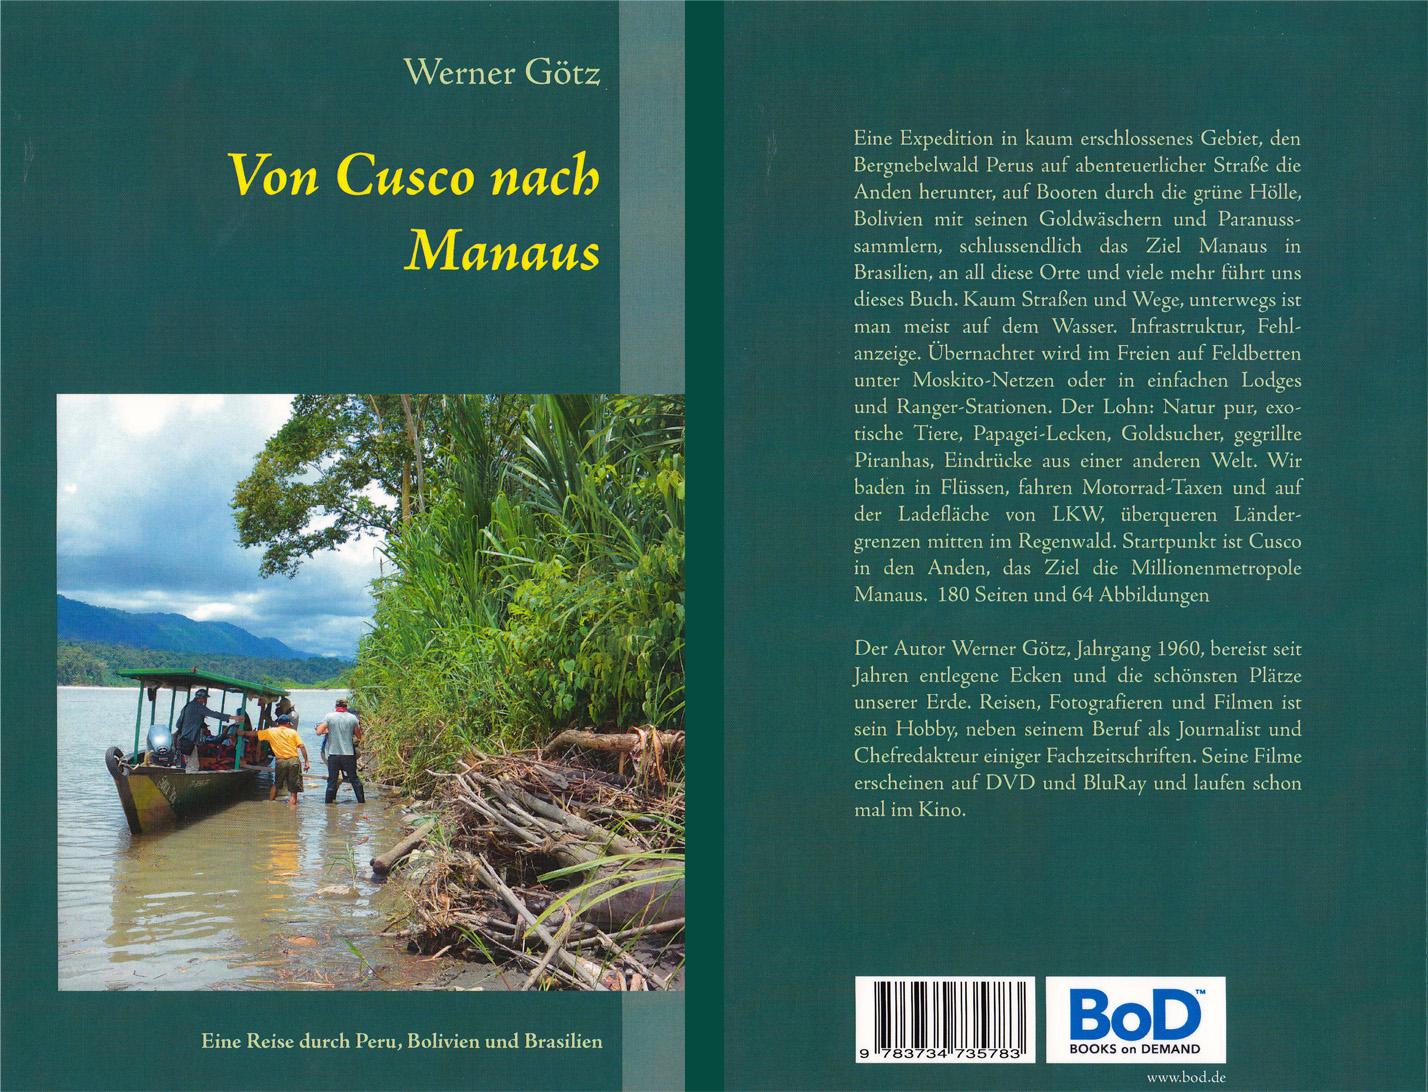 Buch Amazonien Cover klein